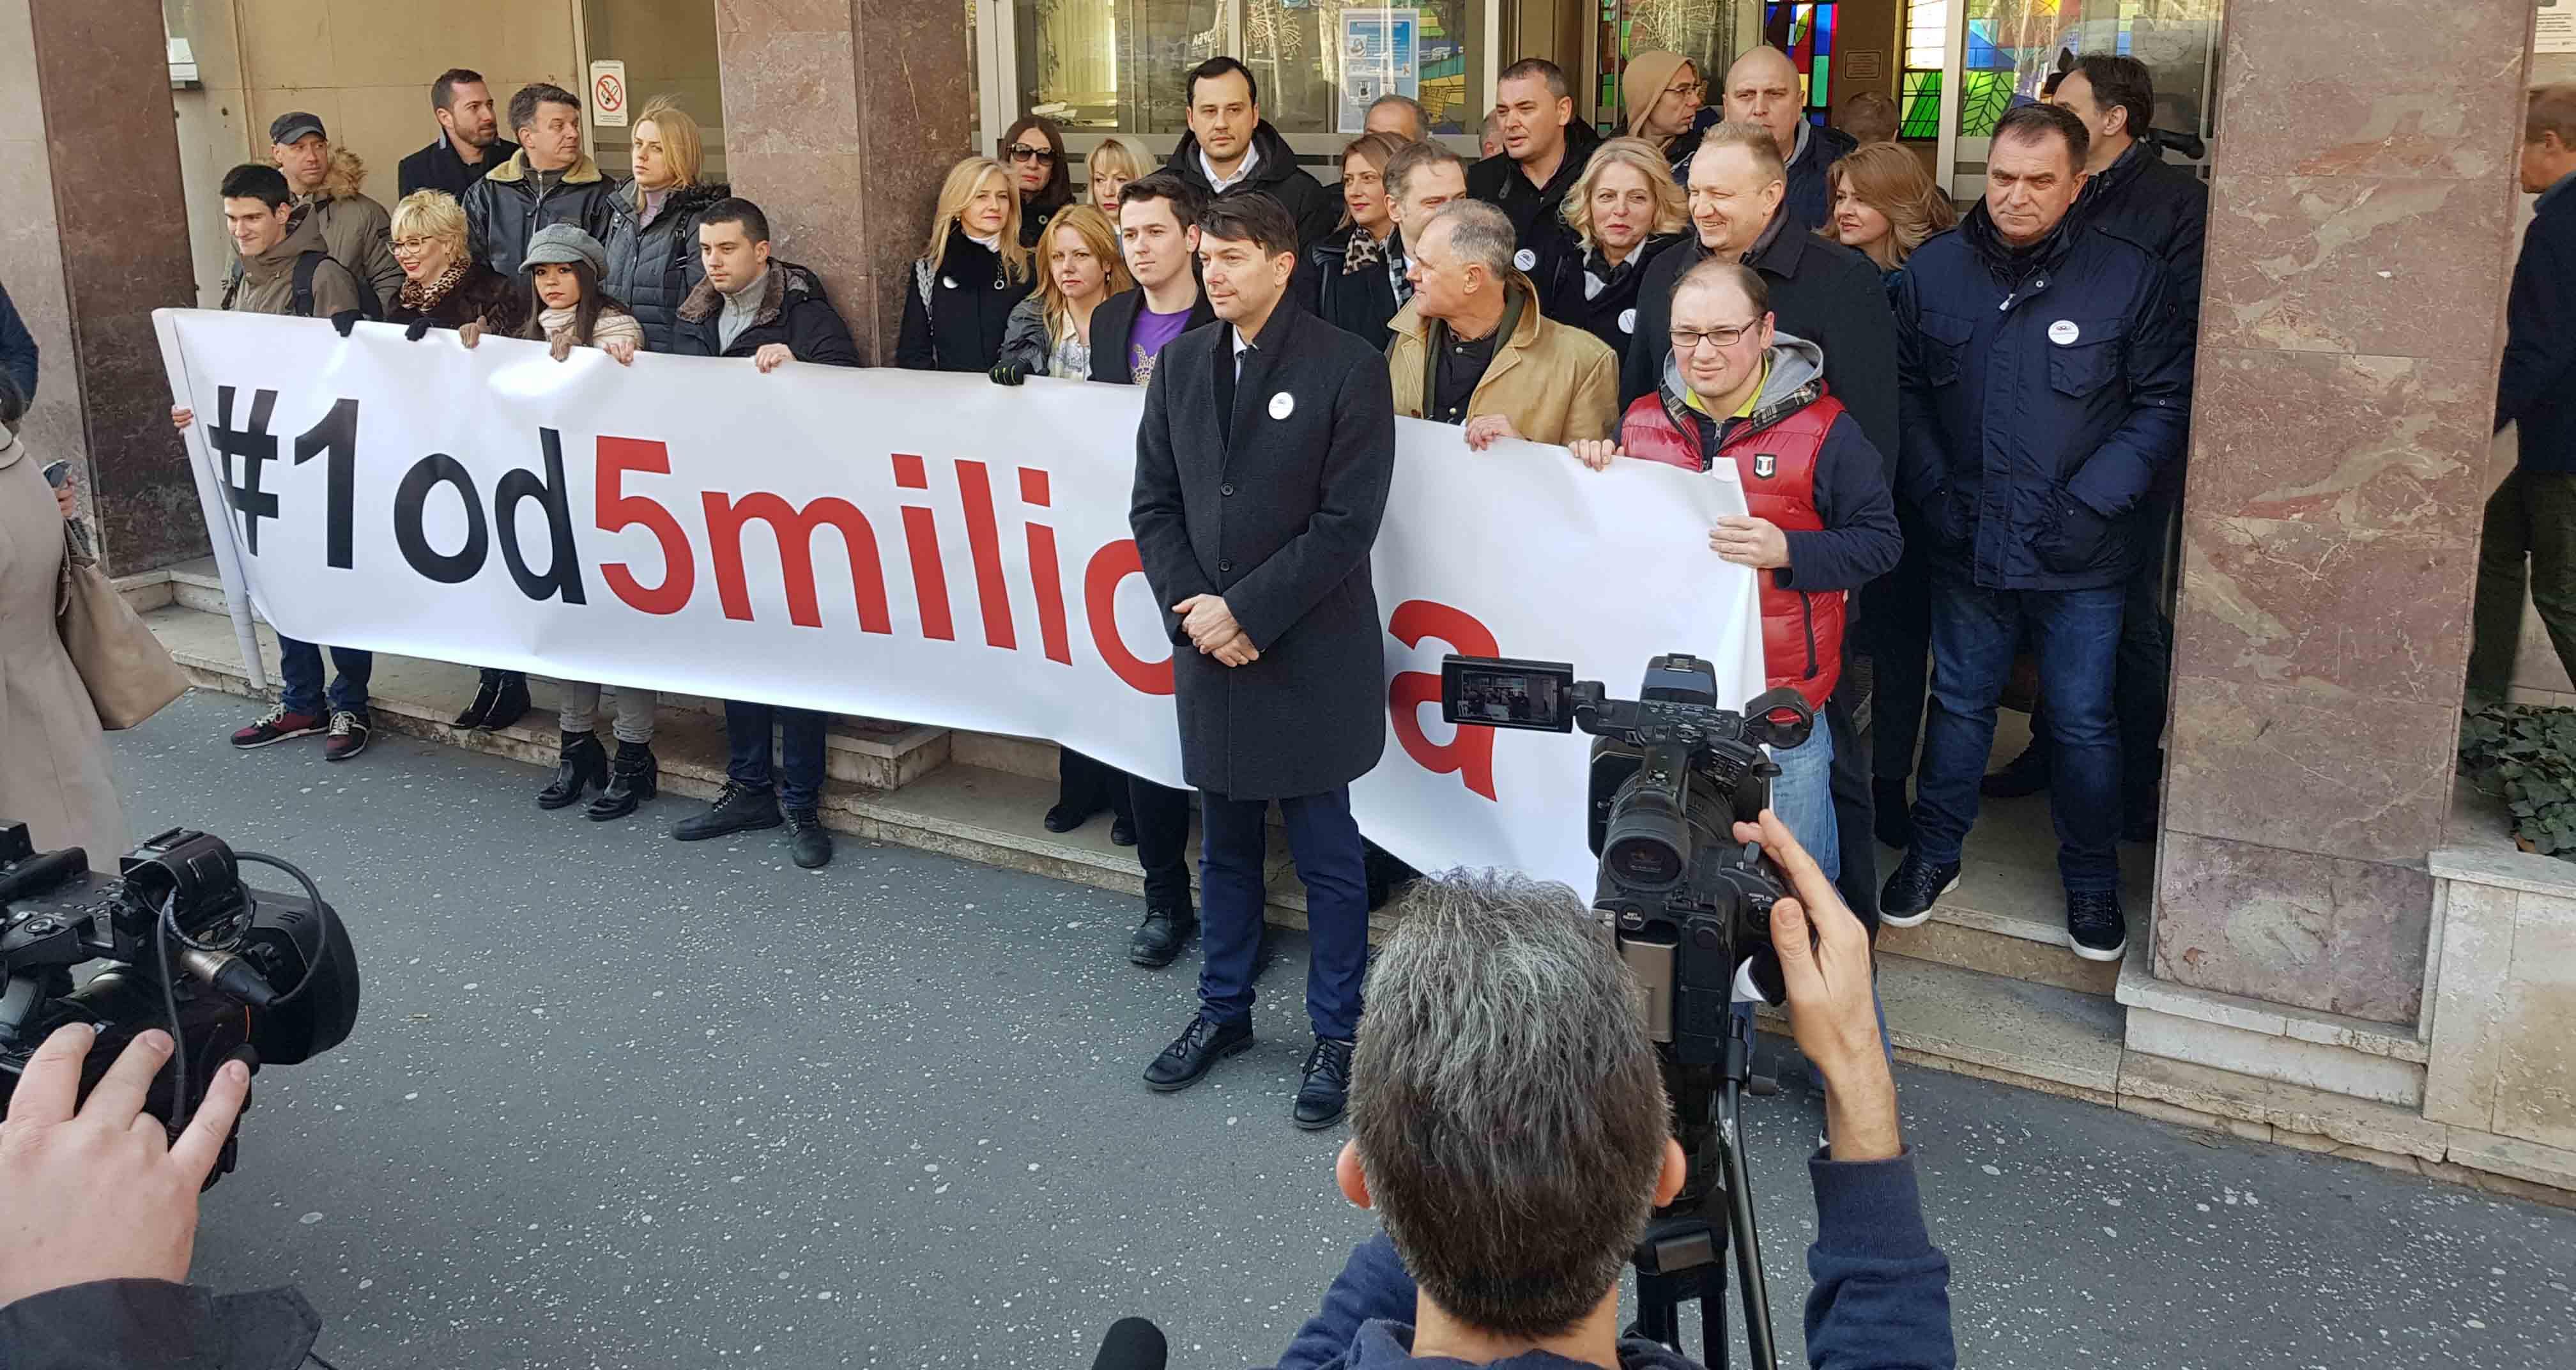 Јовановић: Власт у Београду силује Стари град, одговараће за урбанистичко насиље